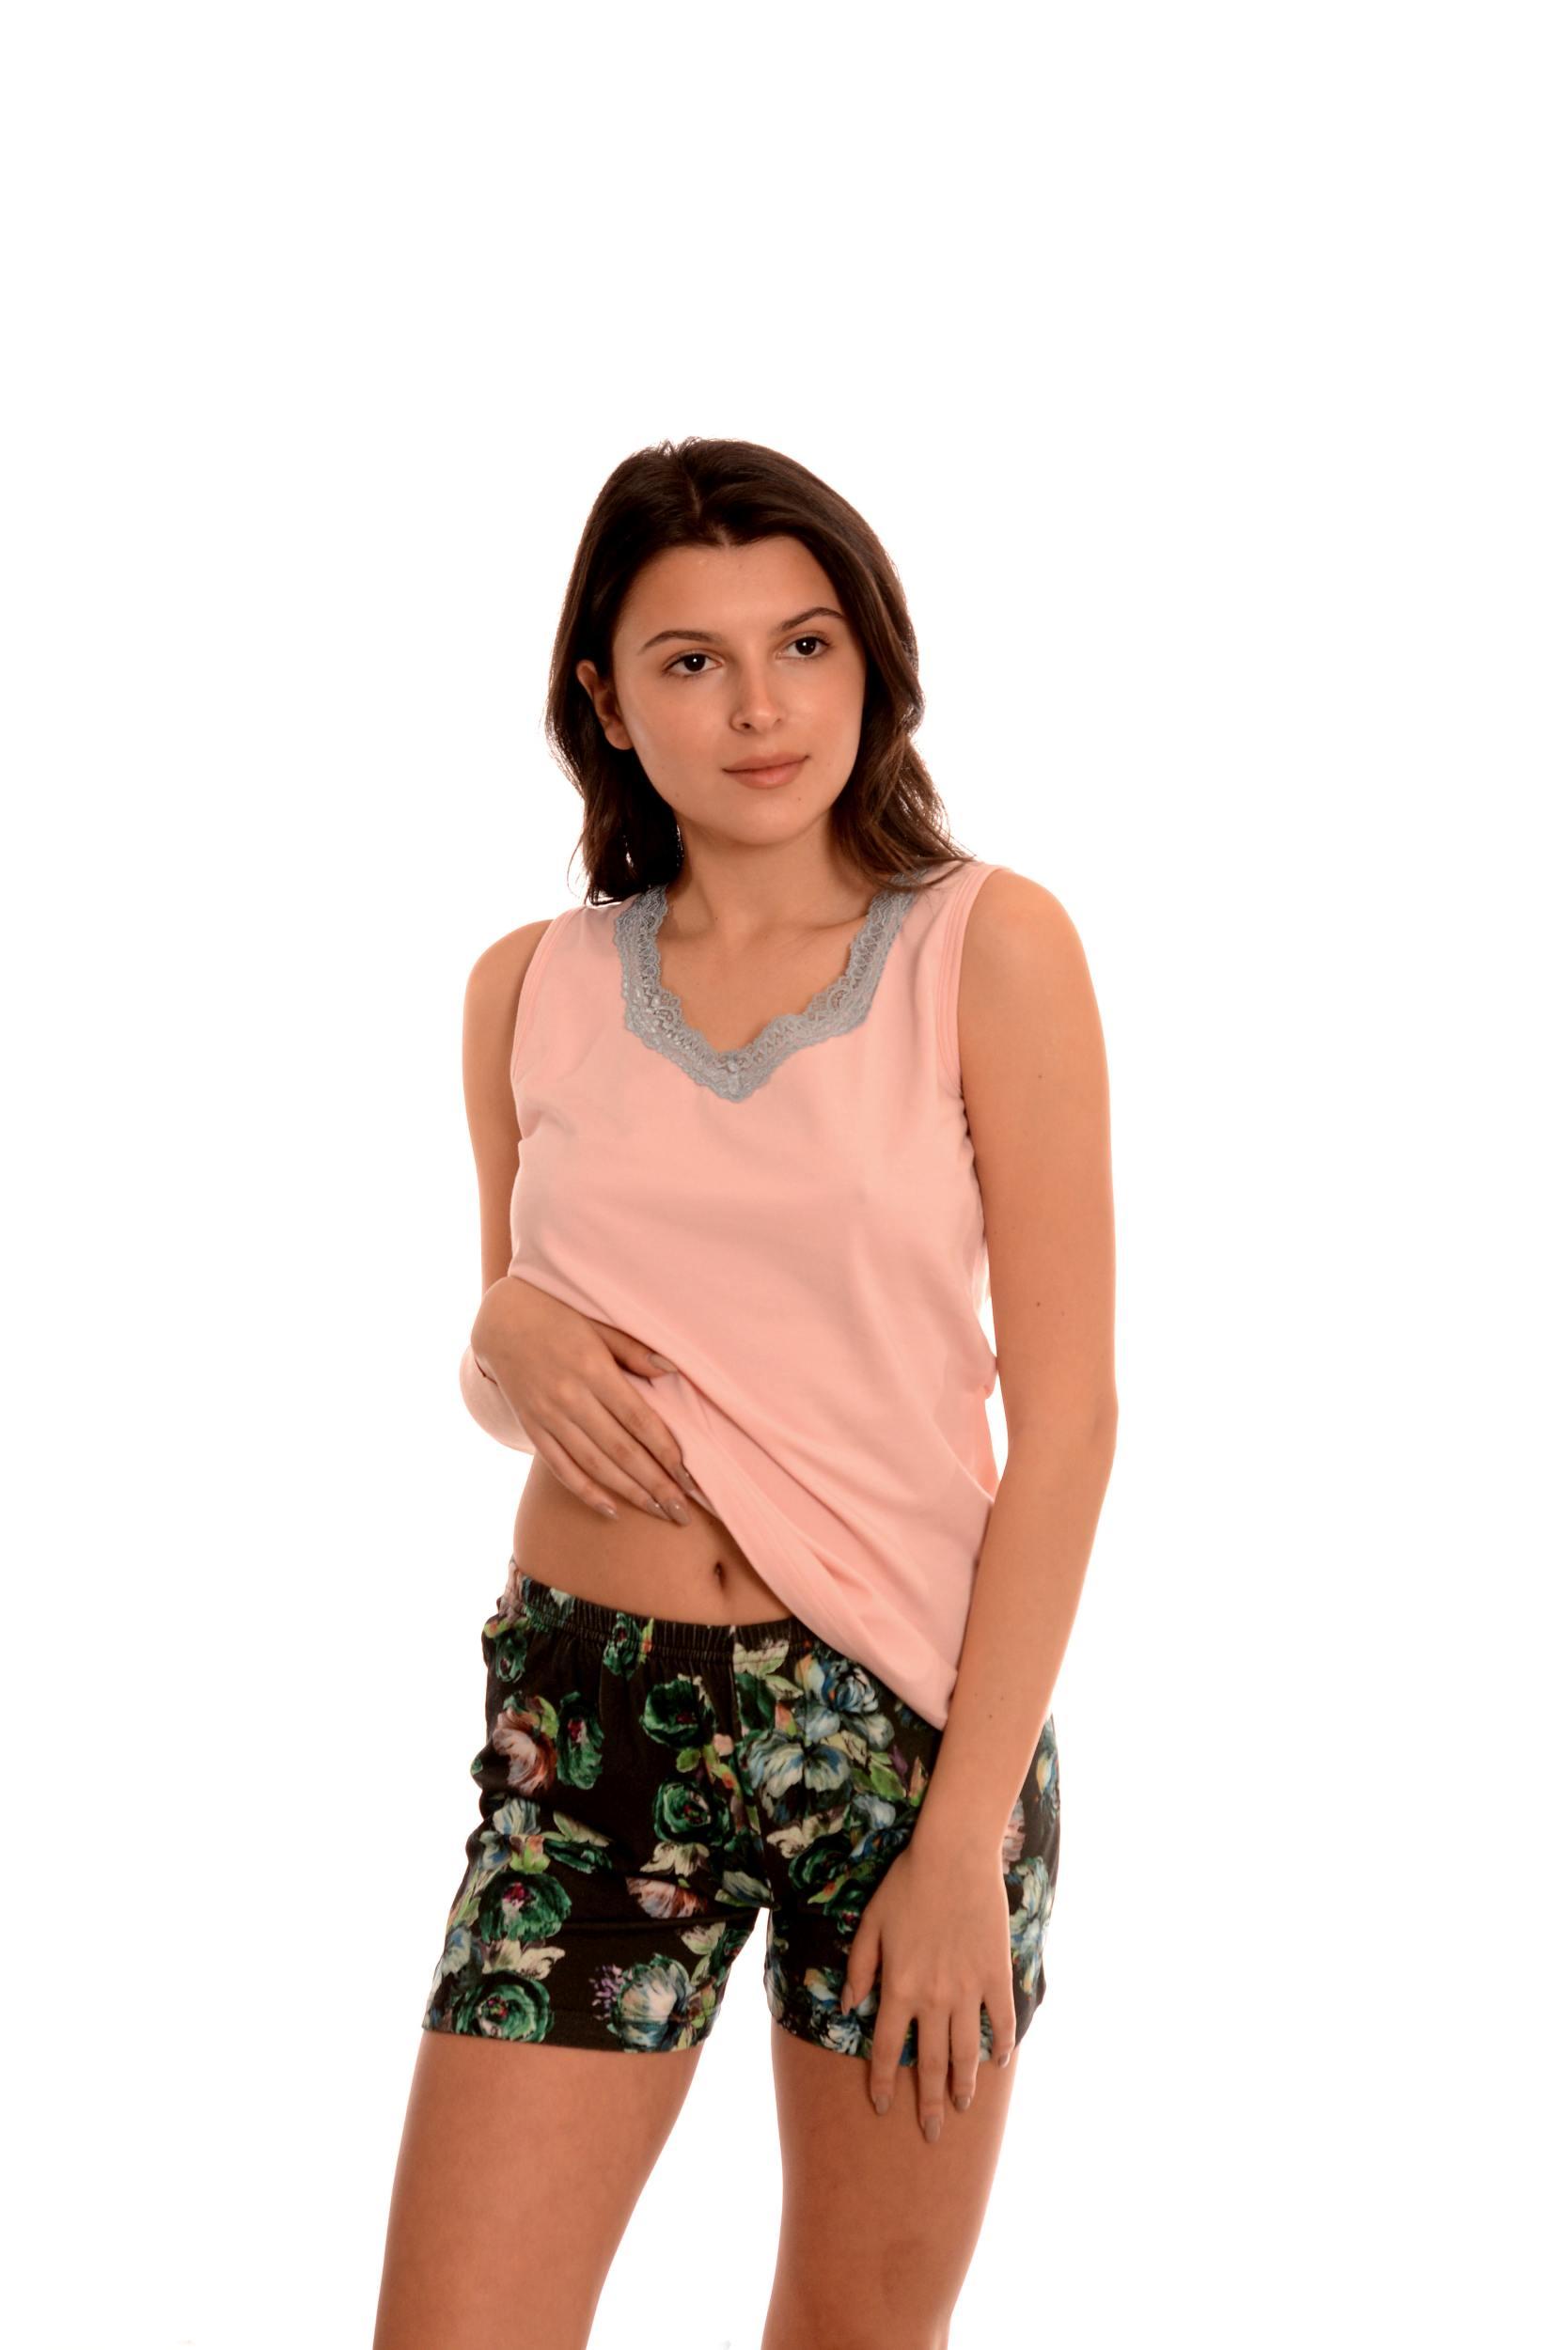 Страхотна дамска пижамка с потник и и къси панталони. Дизайнерски български модел.